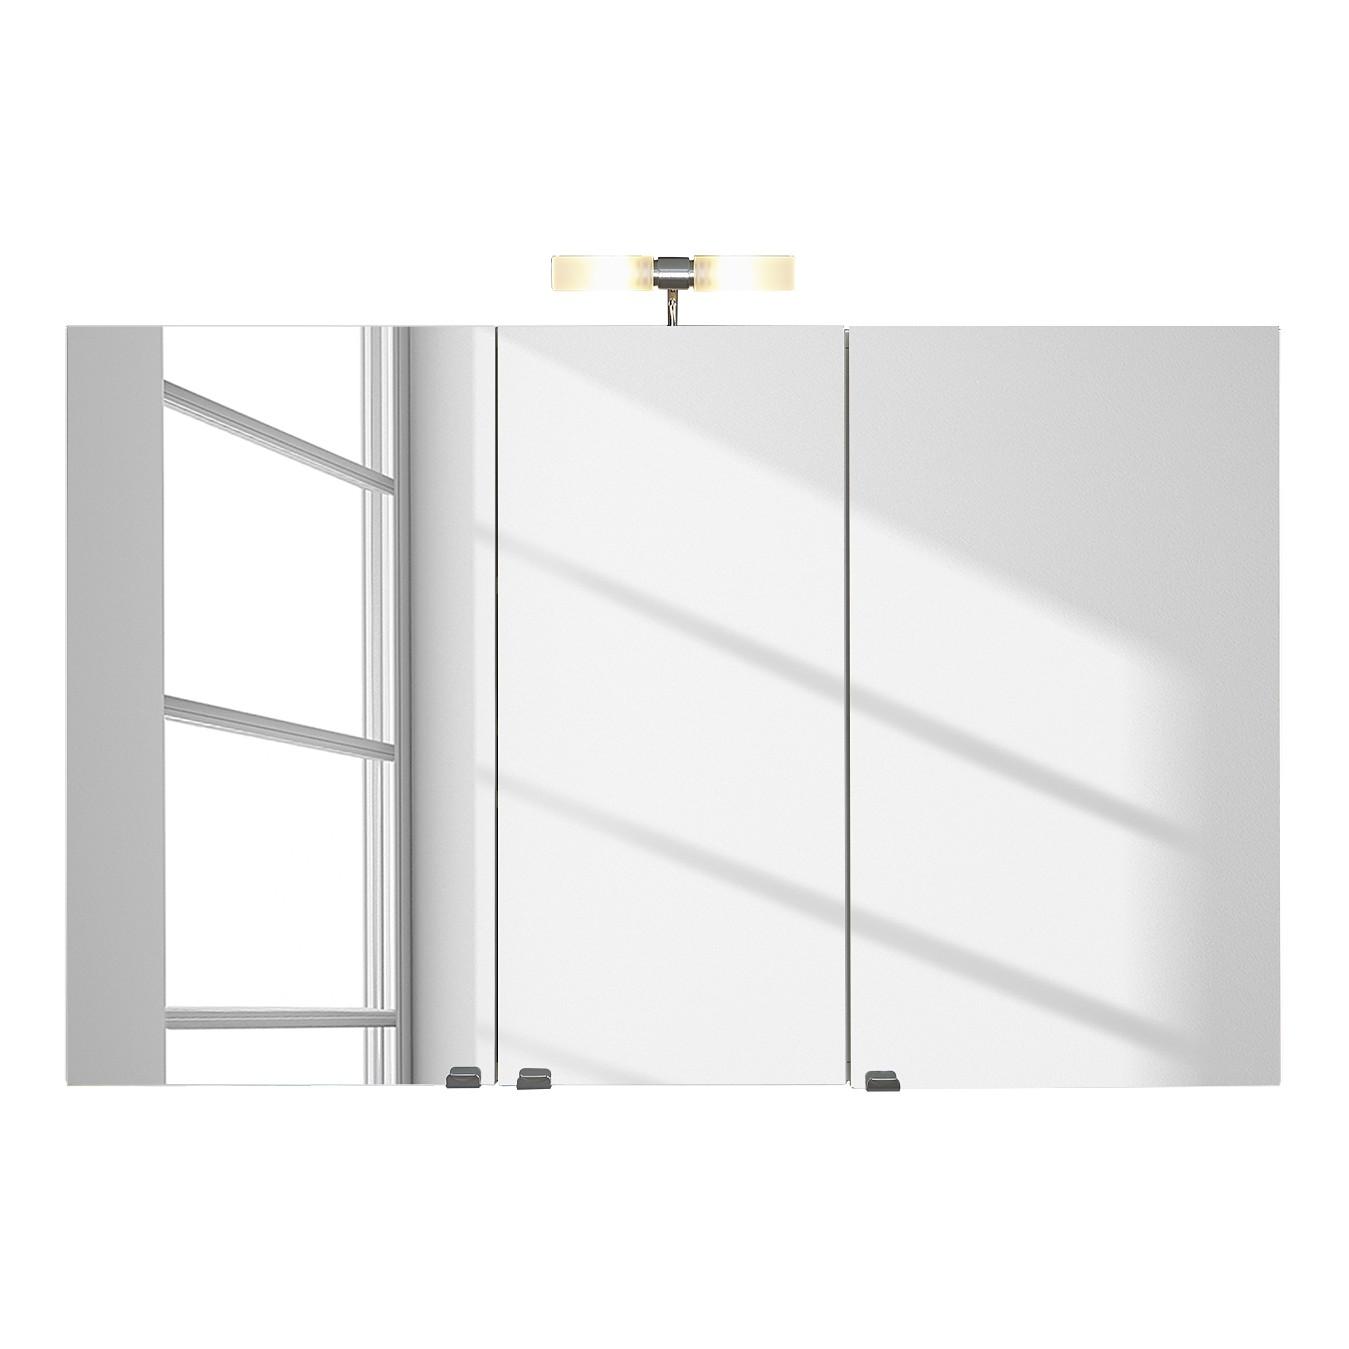 7 sparen spiegelschrank riau inkl beleuchtung von posseik nur 119 99 cherry m bel for Spiegelschrank beleuchtung